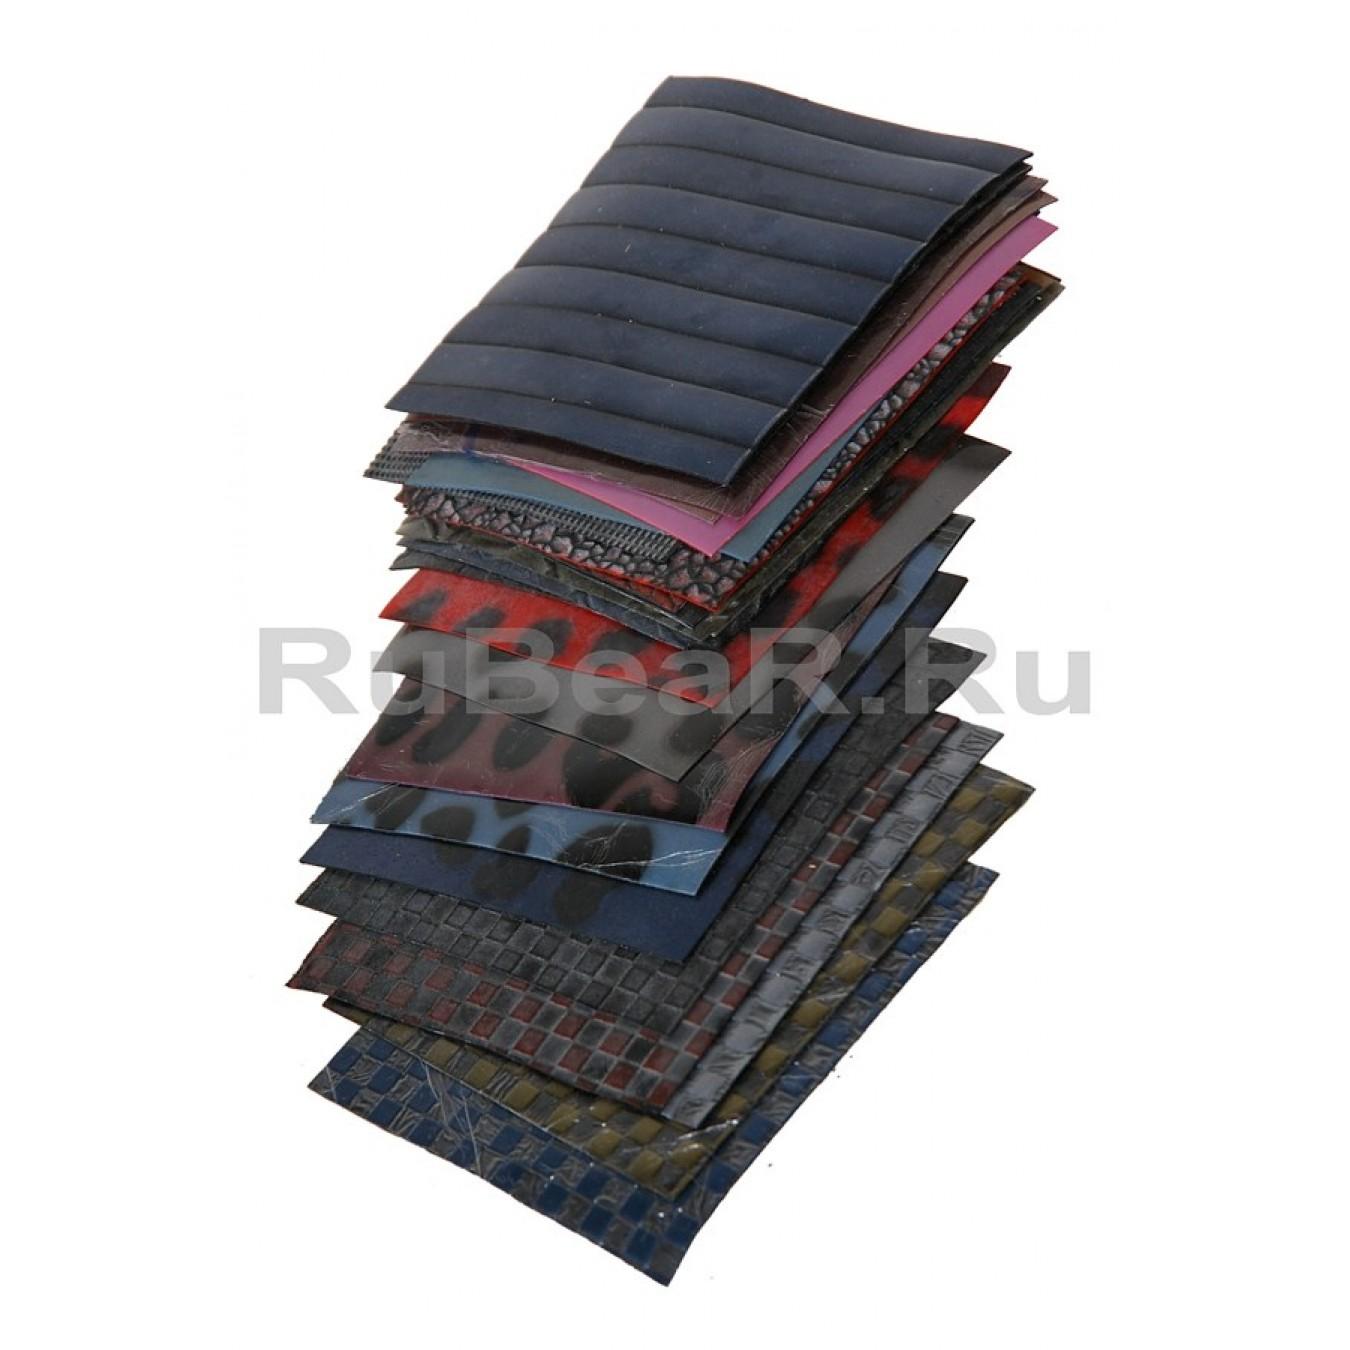 Большой набор образцов текстурного латекса